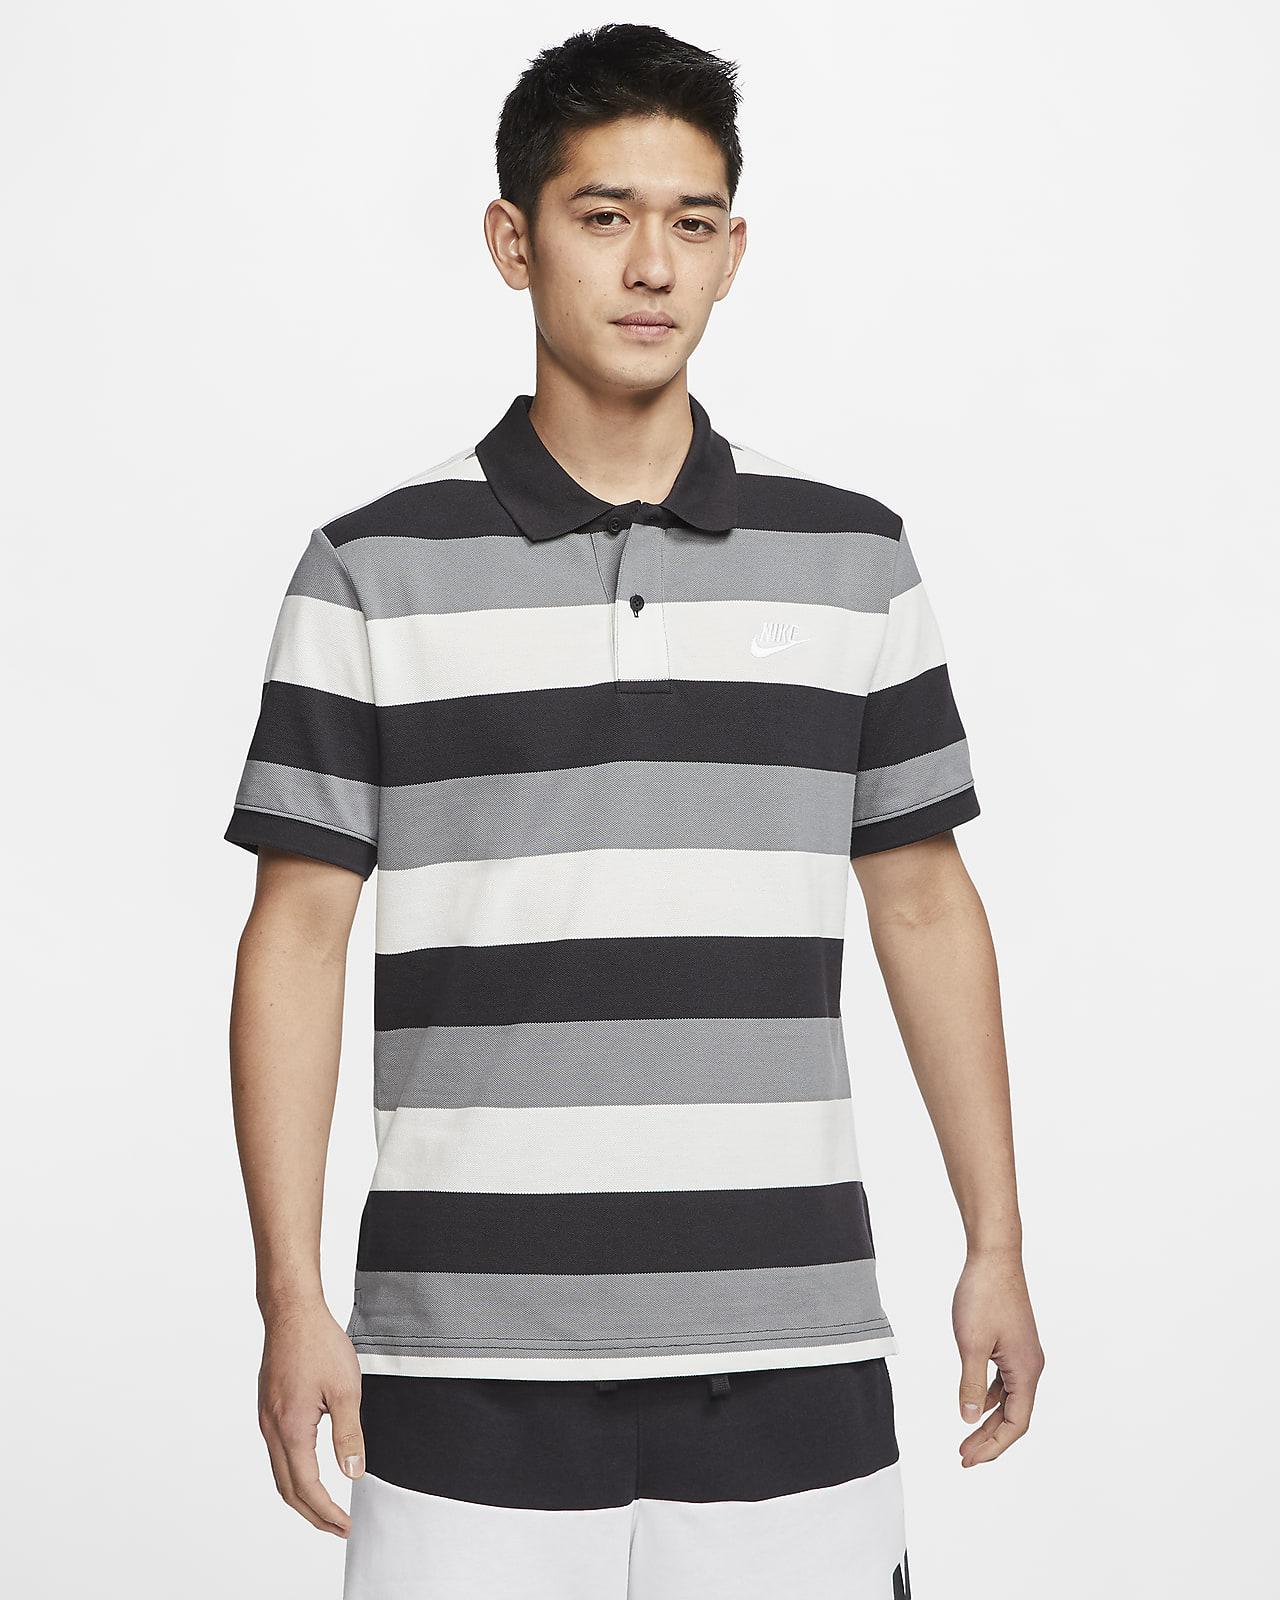 Nike Sportswear Men's Striped Polo